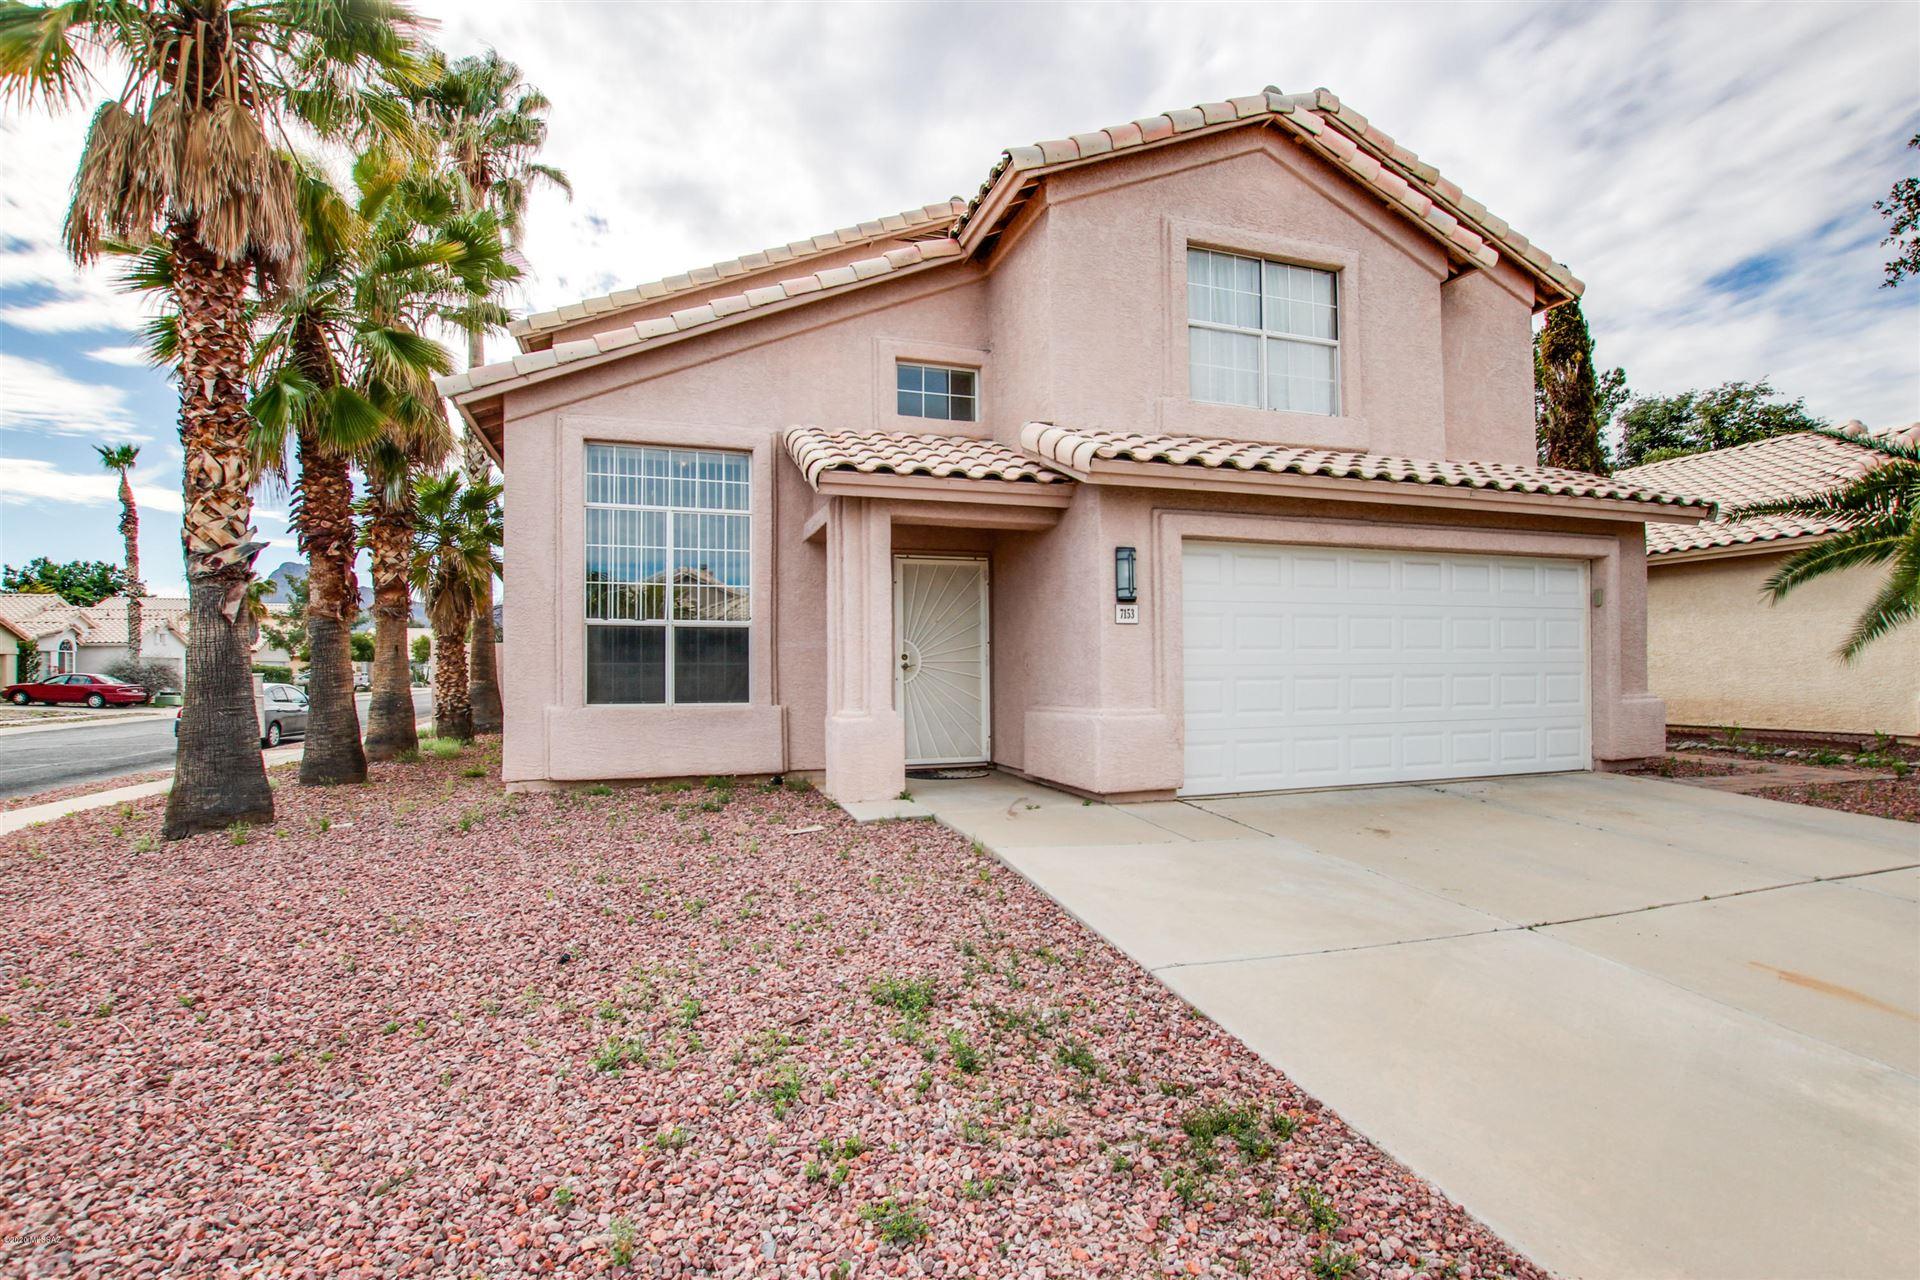 7153 W Odyssey Way, Tucson, AZ 85743 - #: 22005000